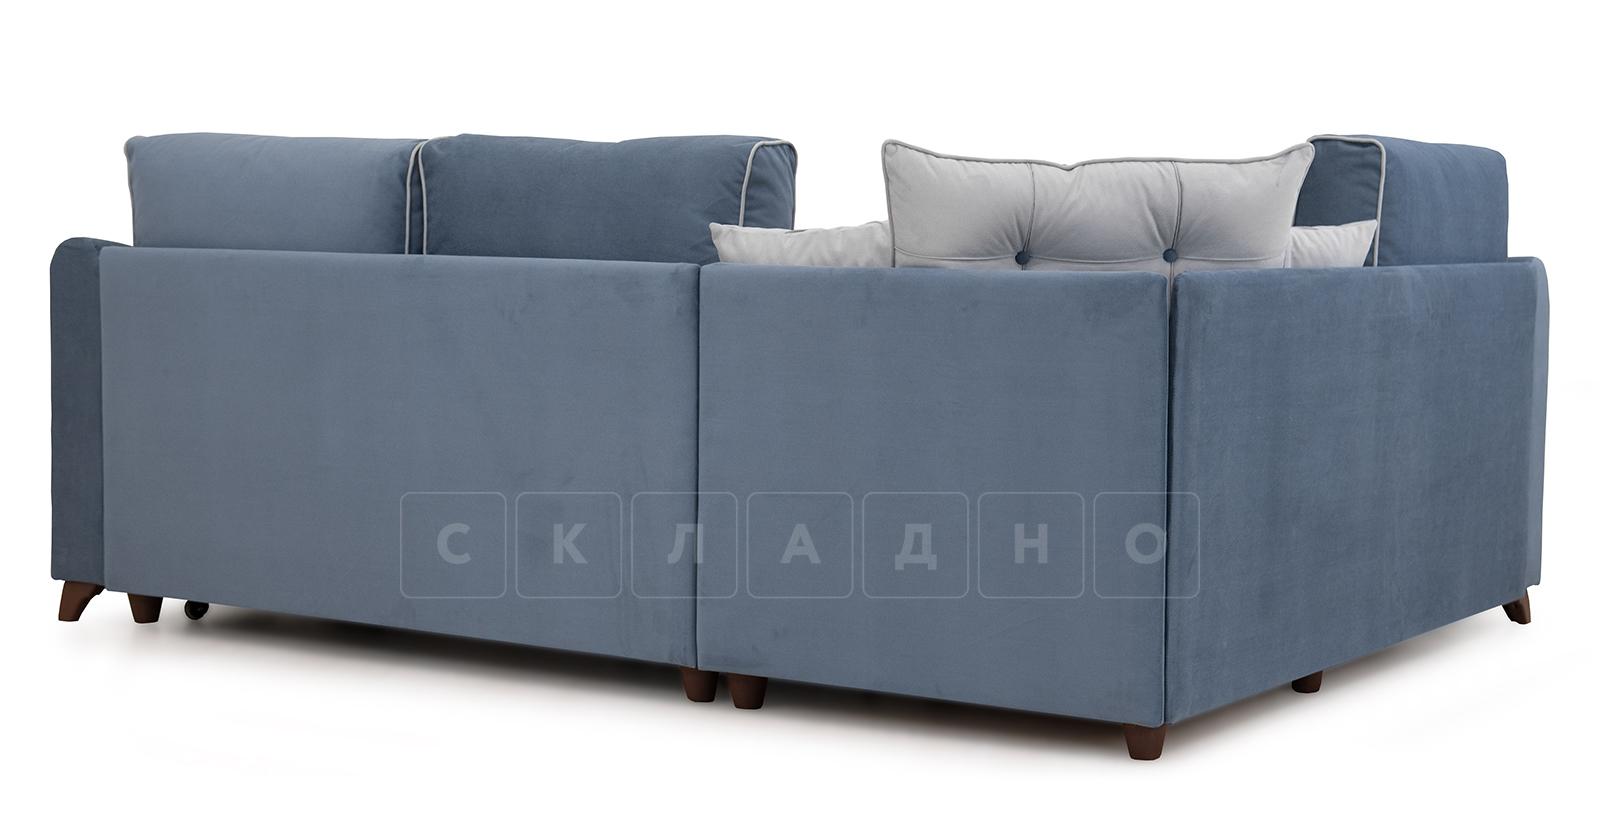 Диван-кровать угловой Флэтфорд серо-синий фото 4 | интернет-магазин Складно